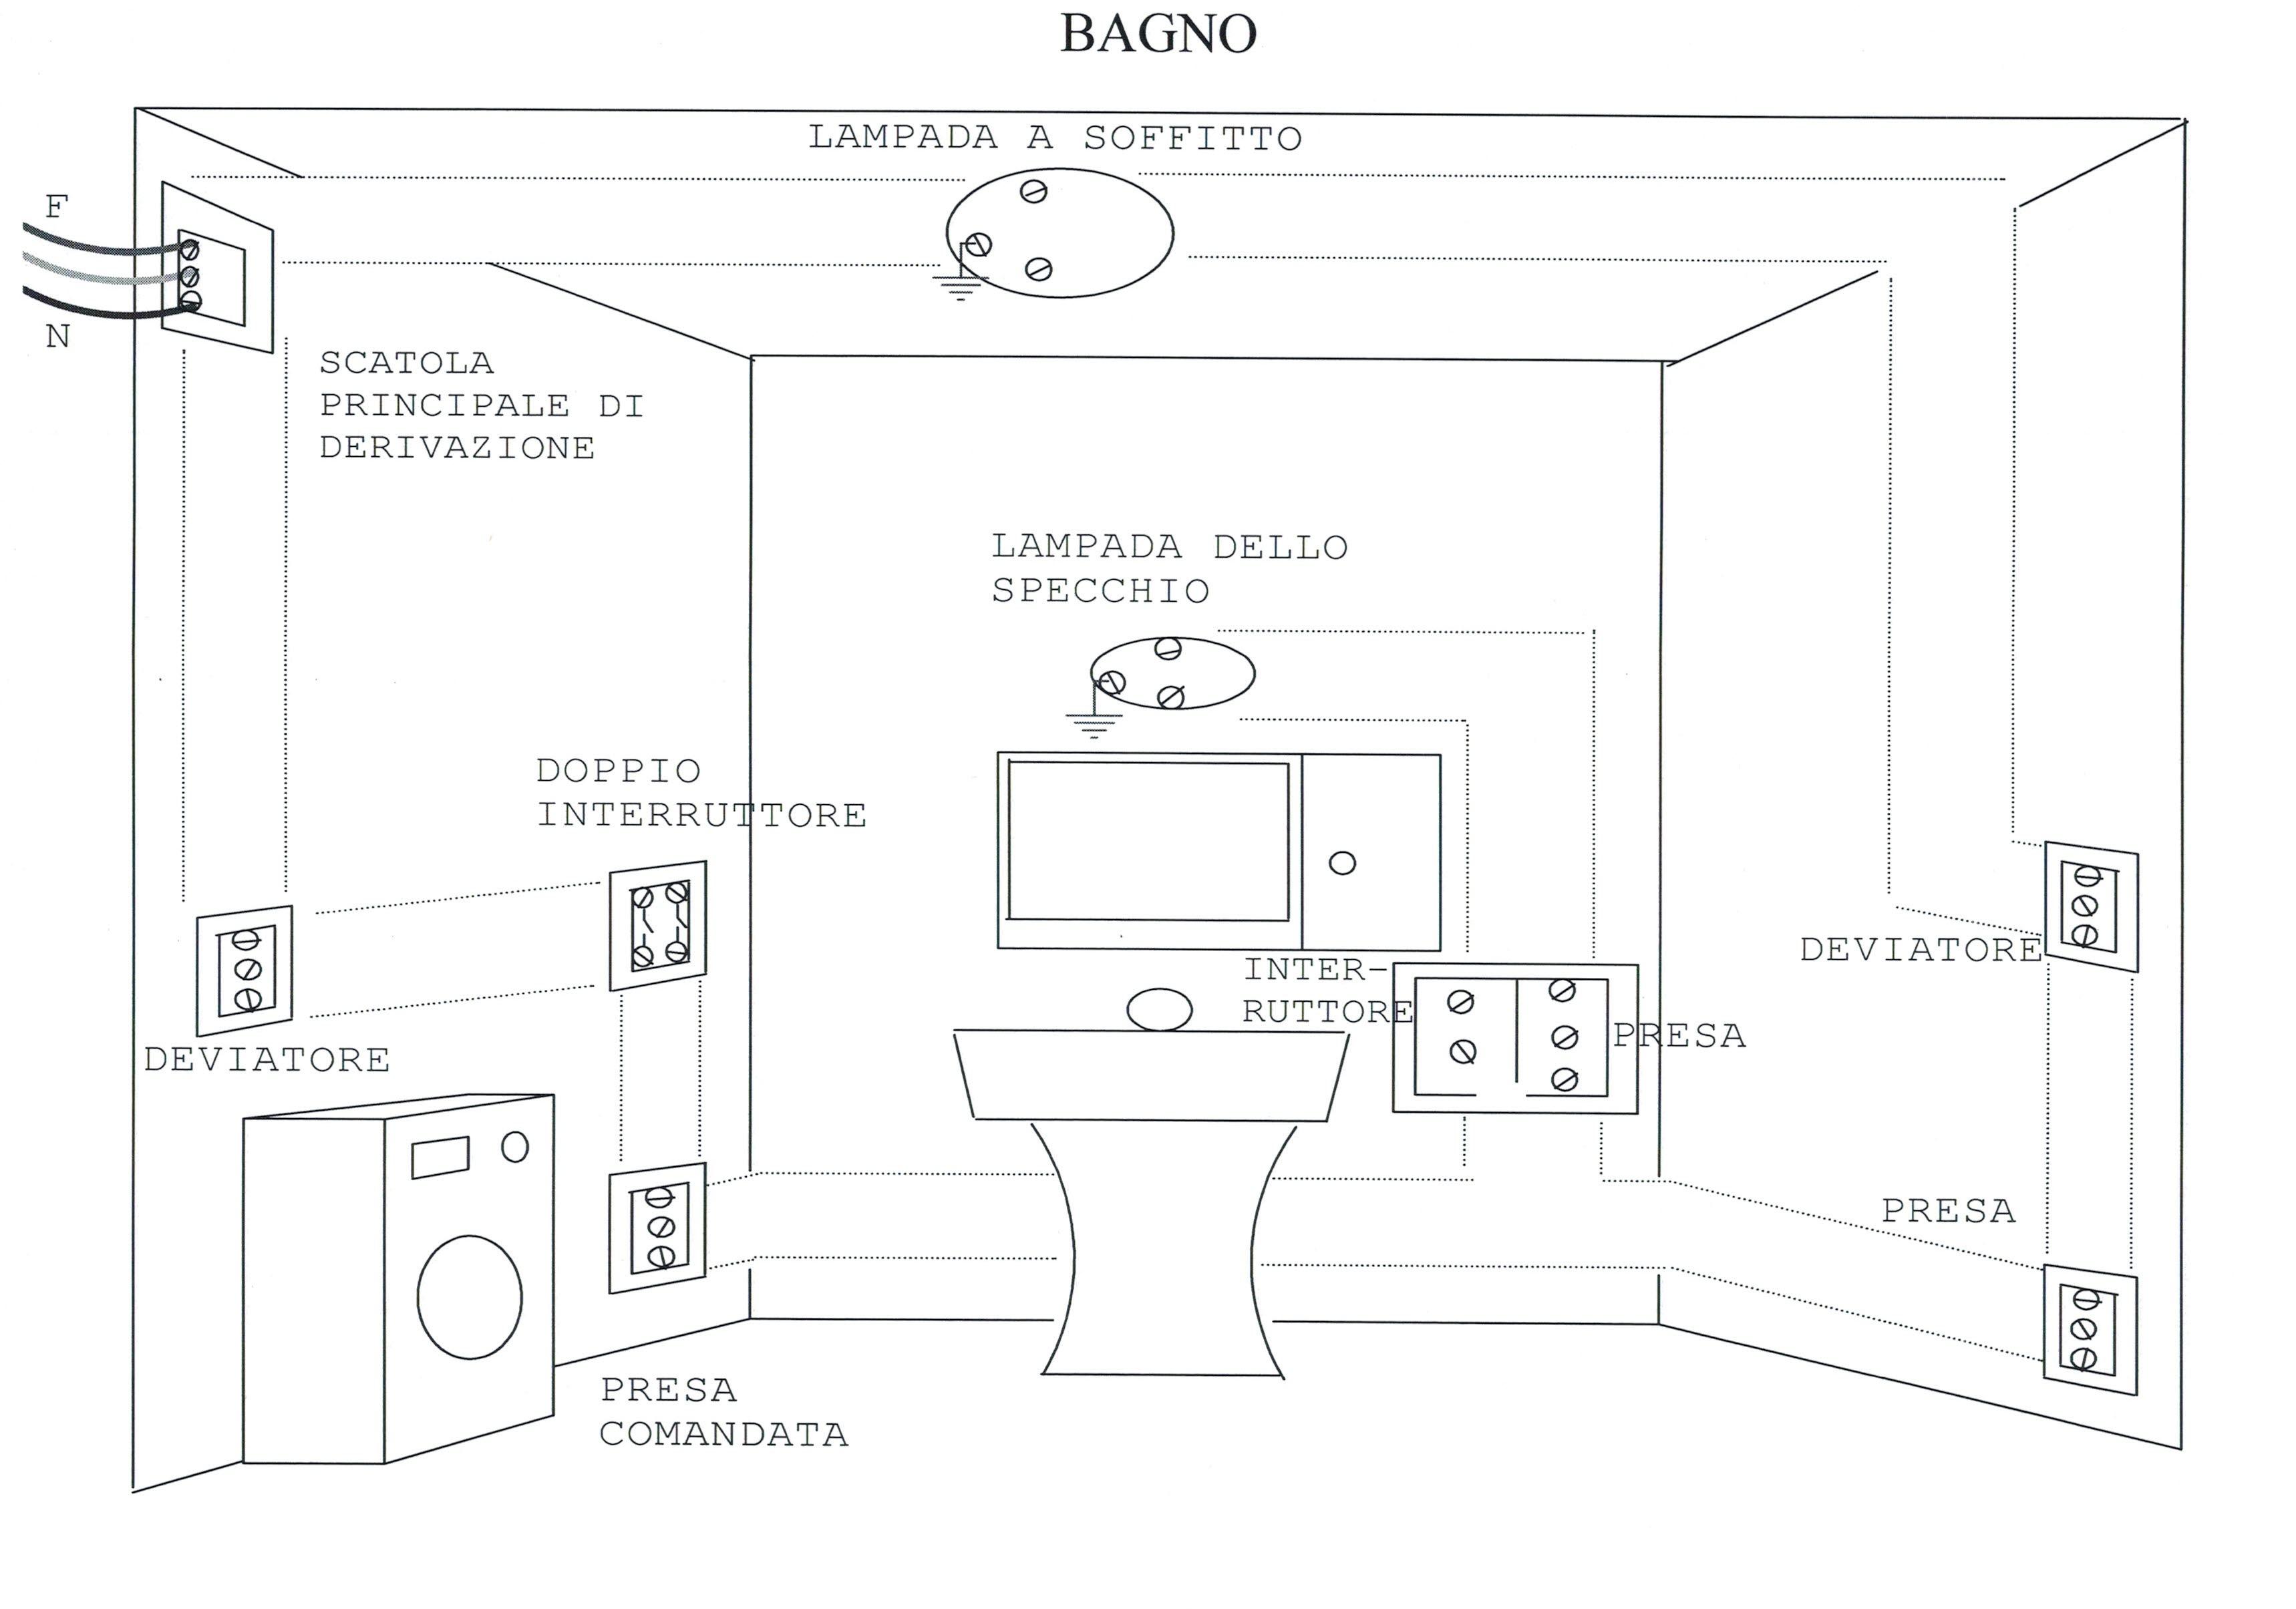 Schemi Elettrici Civili Pdf : Simboli impianti elettrici civili pdf palmeriprogetti